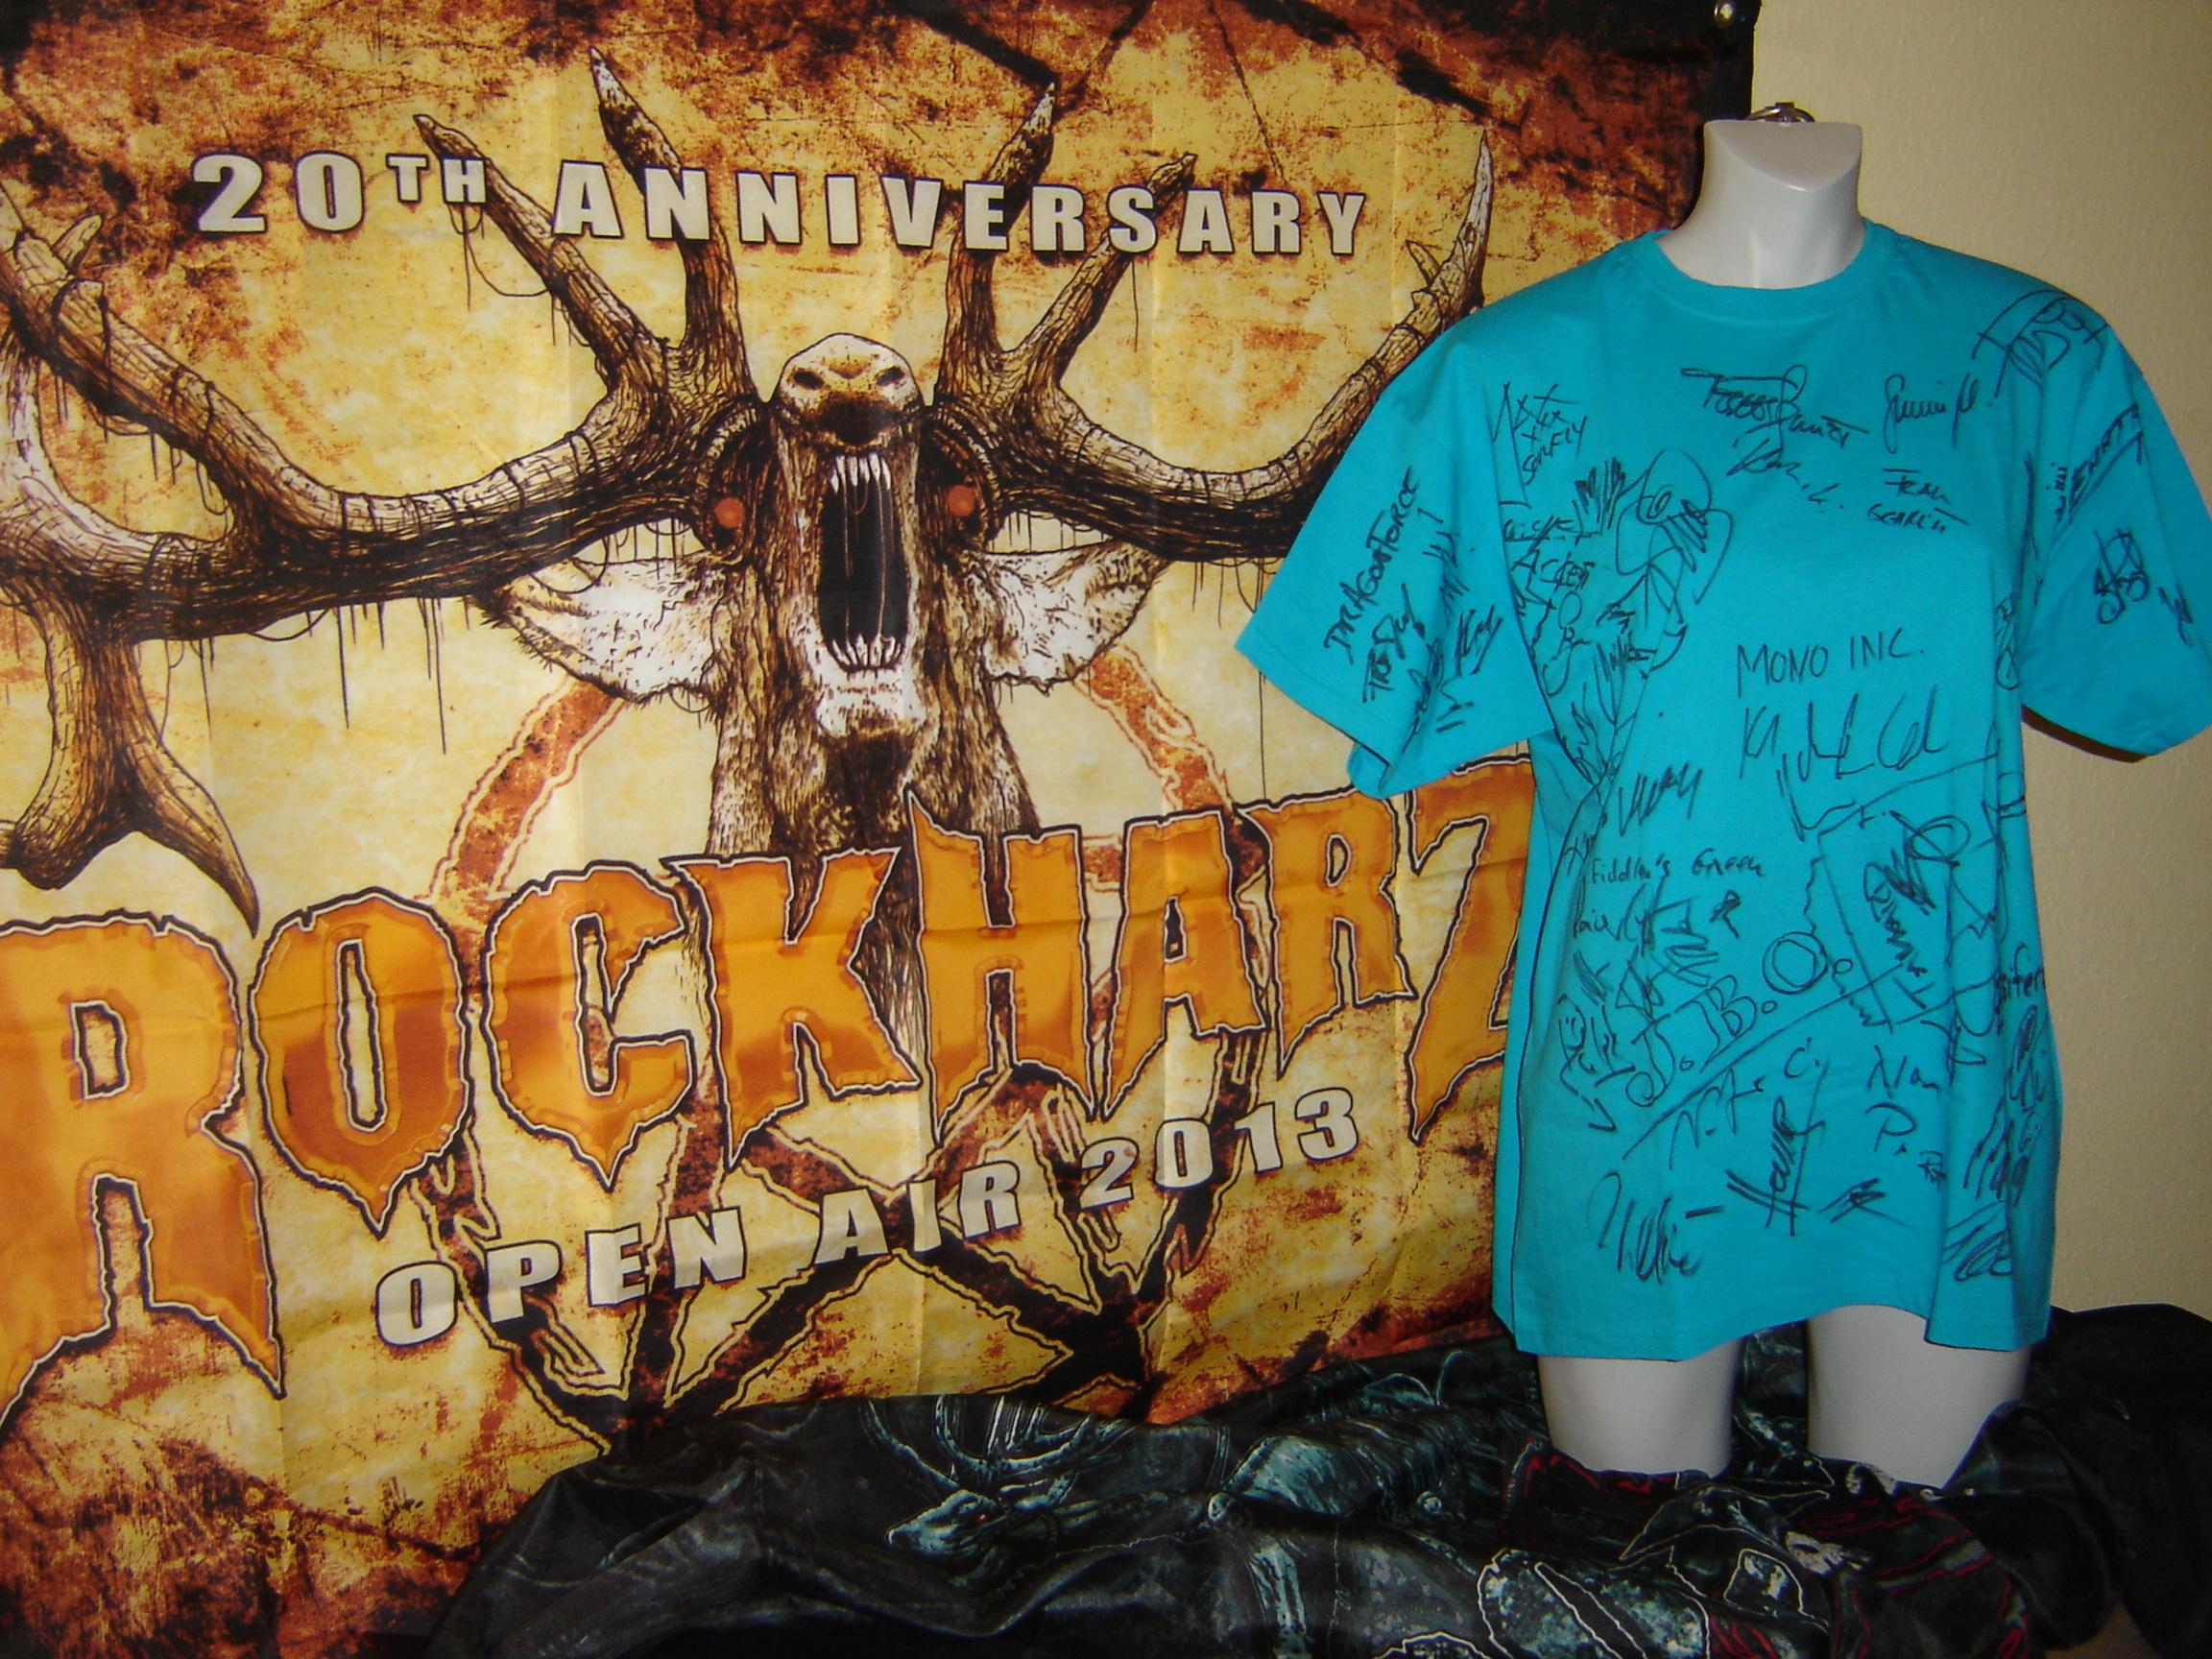 Versteigerung: Signierte T-Shirts vom Rockharz